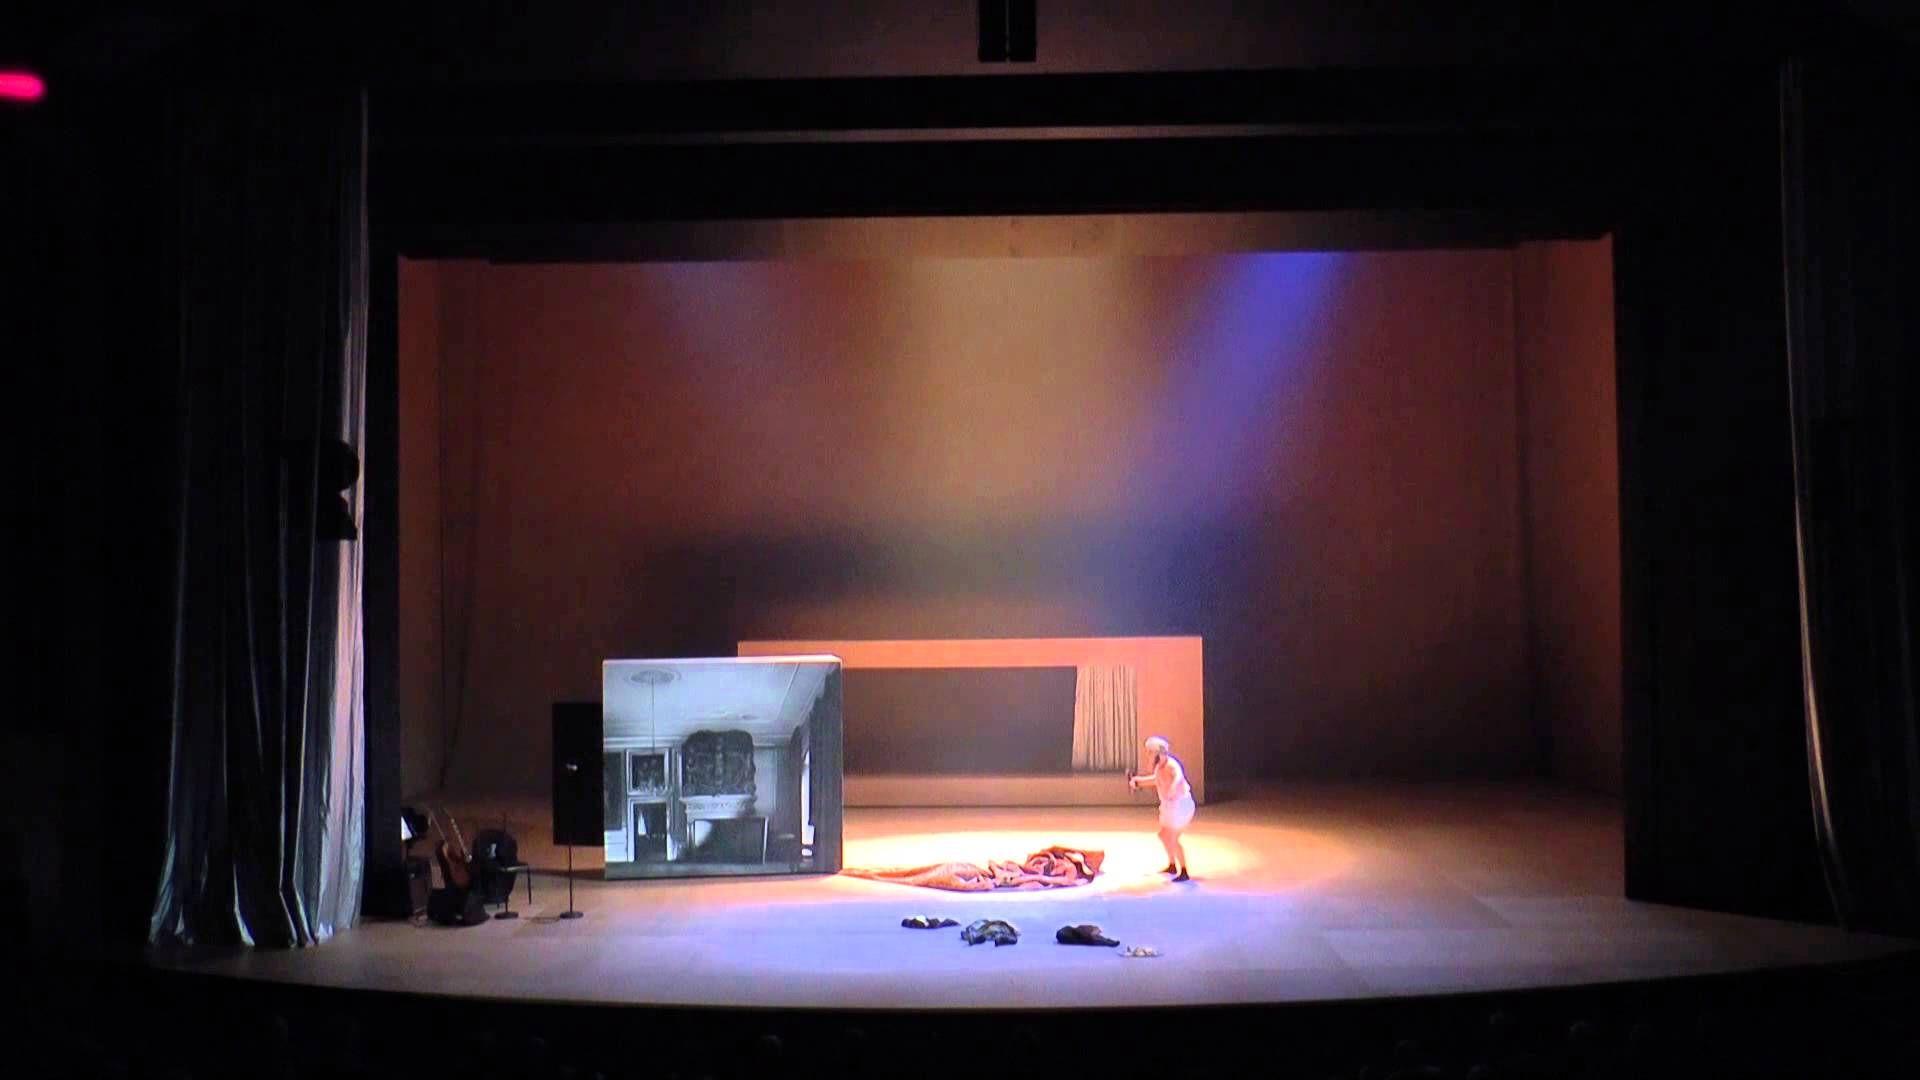 """Die nächste Vorstellung von """"Staub"""" ist am Sonntag, 2.11. um 17.00 Uhr im Schauspielhaus. Karten gibt es noch hier... http://www.schauspiel-stuttgart.de/spielplan/premieren/staub/"""